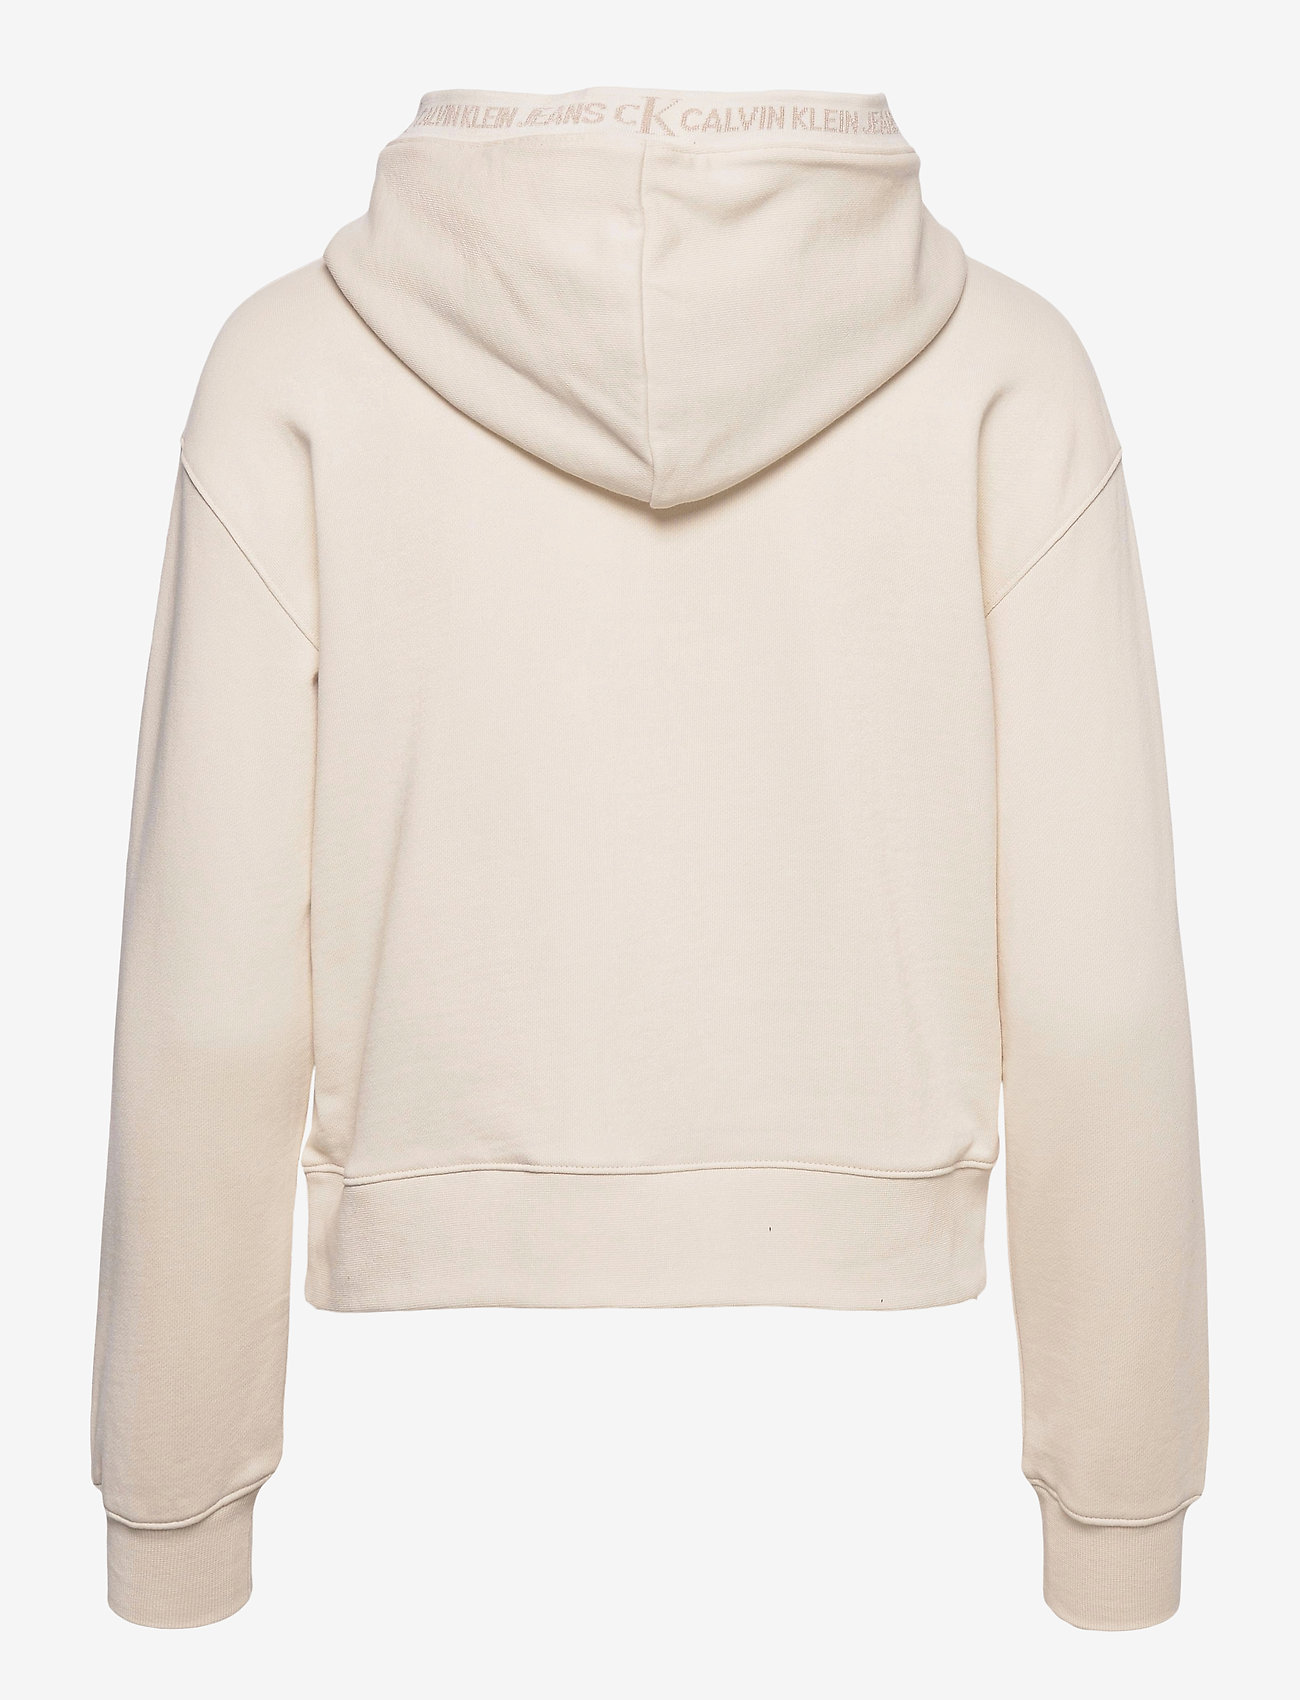 Calvin Klein Jeans - LOGO TRIM HOODIE - gensere og hettegensere - white sand - 1